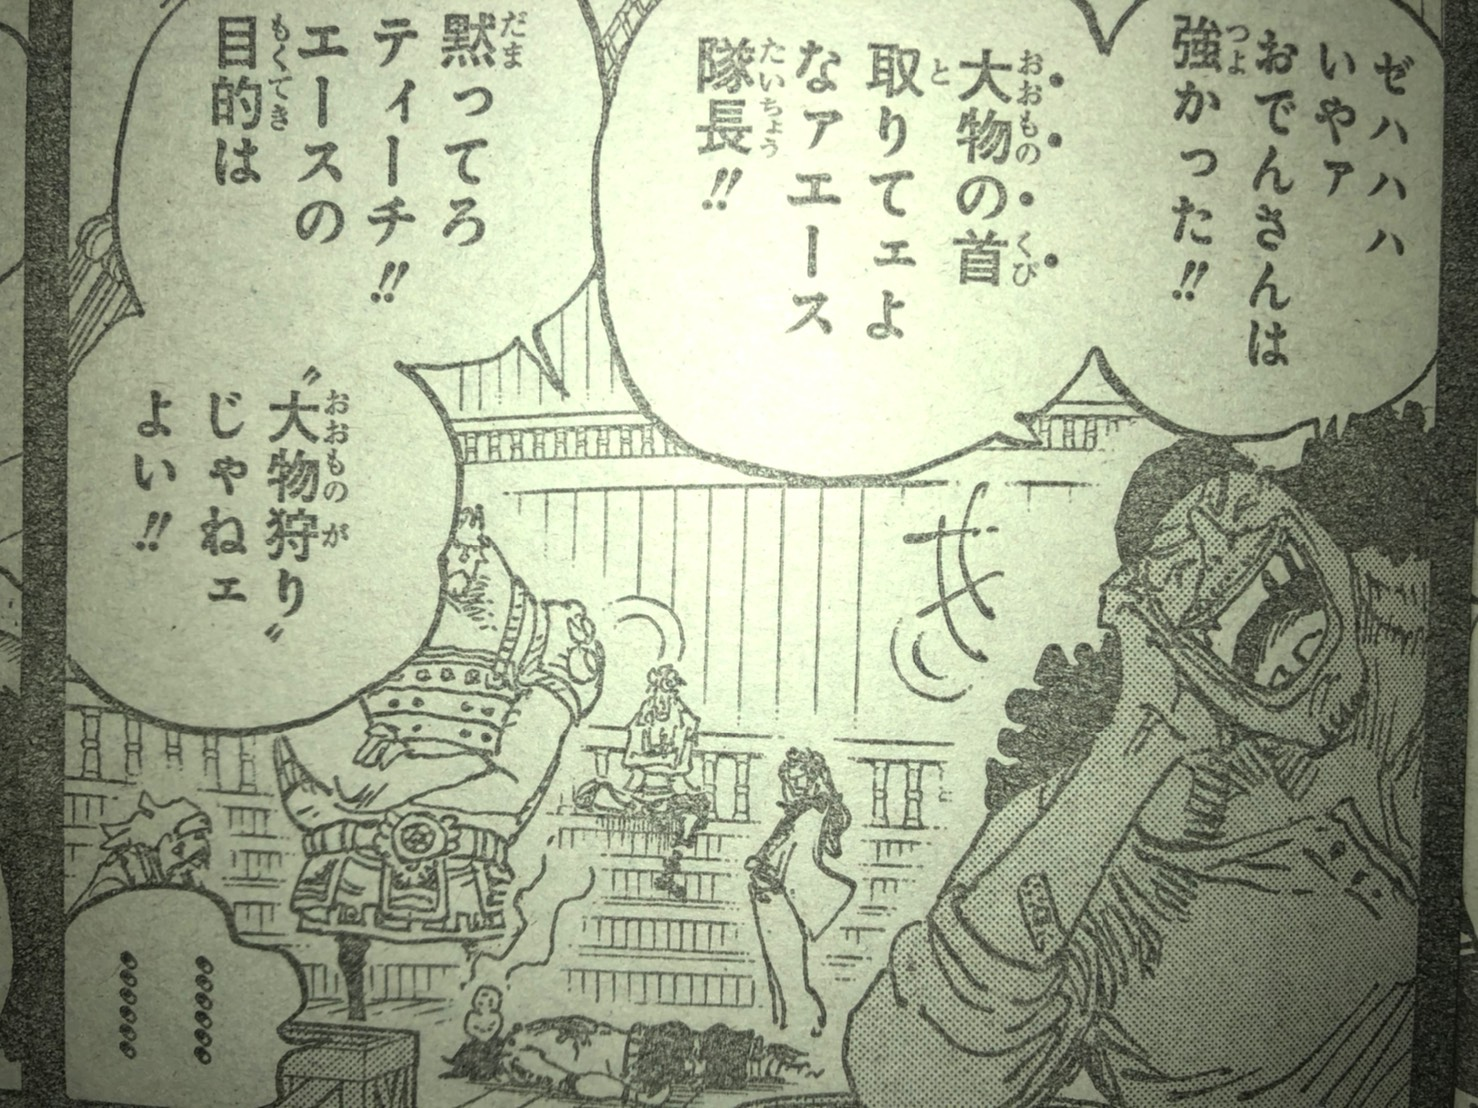 ワンピース ティーチ 黒ひげ/マーシャル・ D・ティーチ(ONE